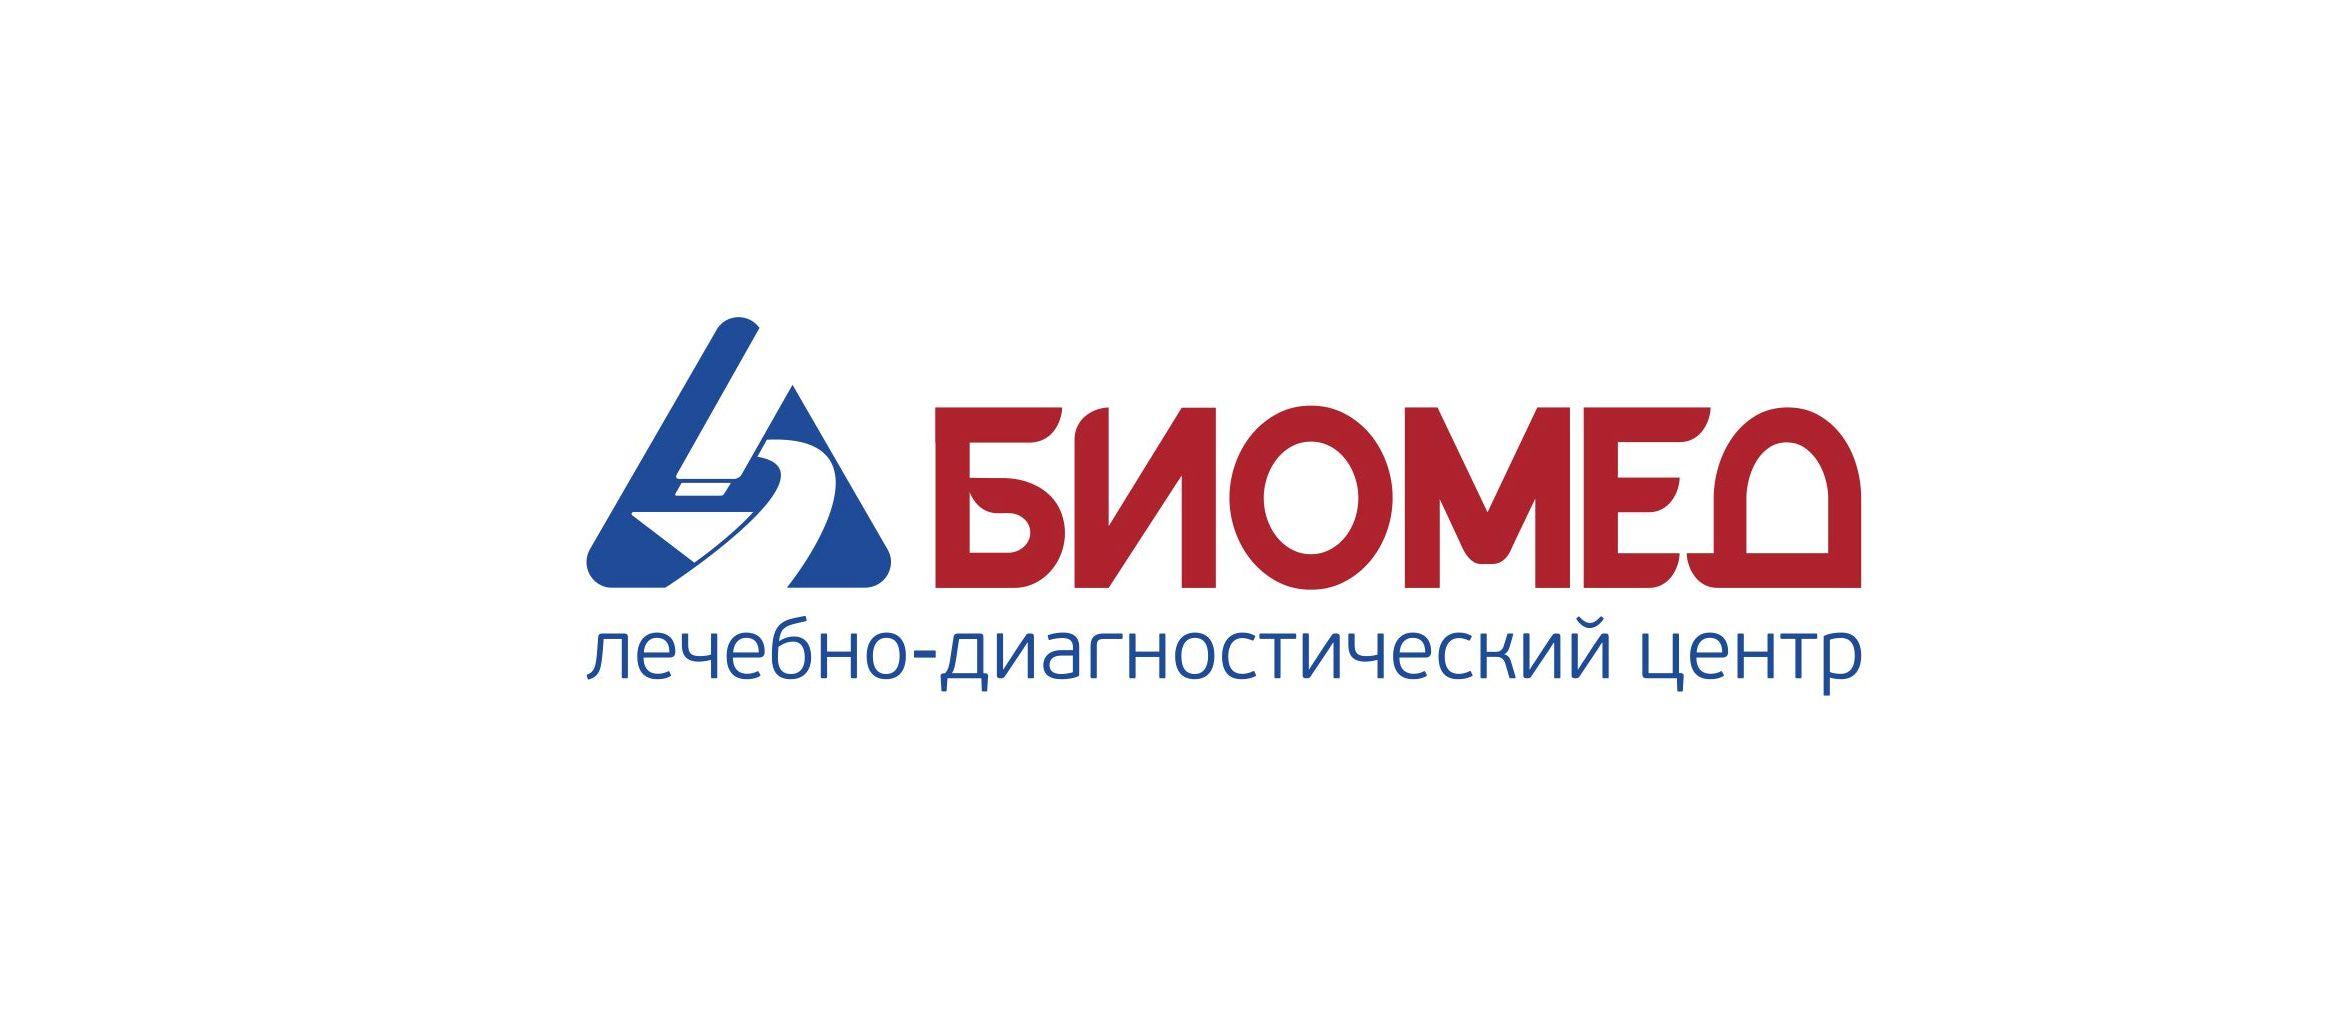 Биомед ЛДЦ